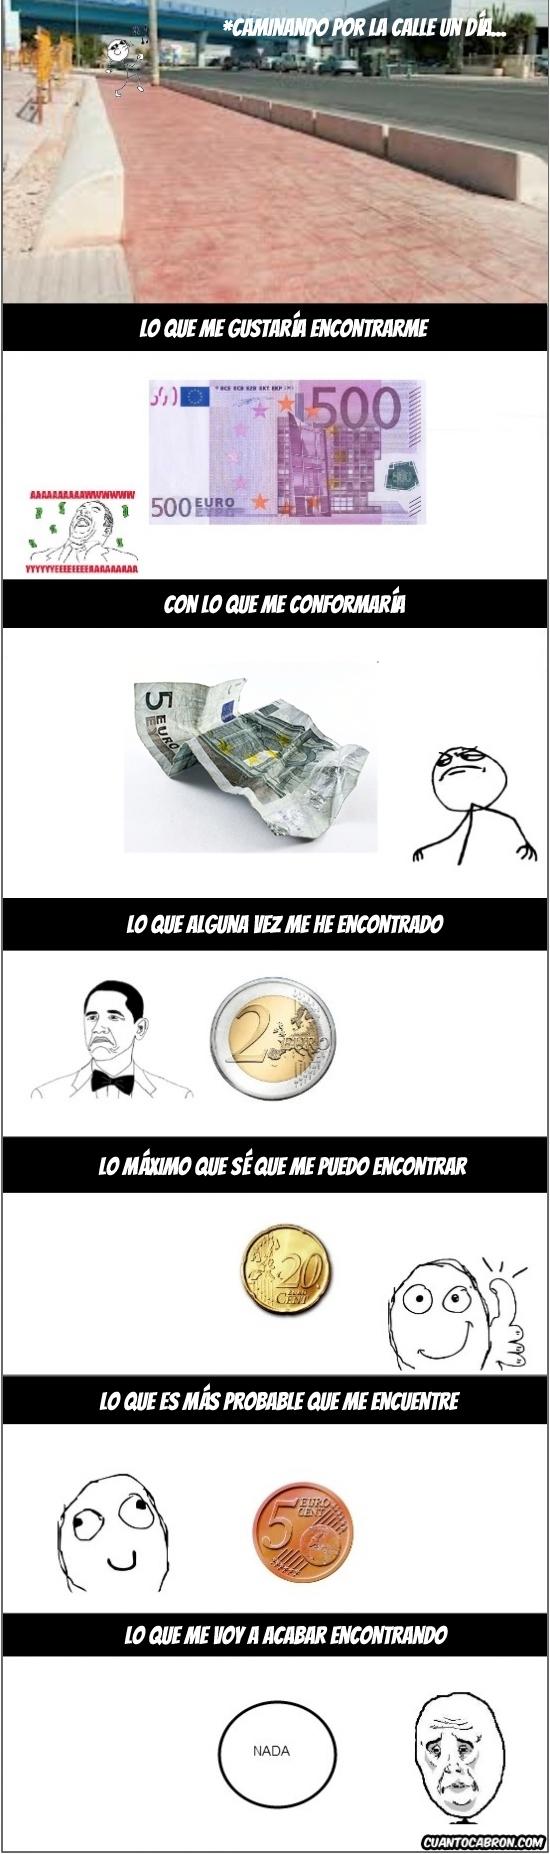 Okay - El dinero de nuestro camino